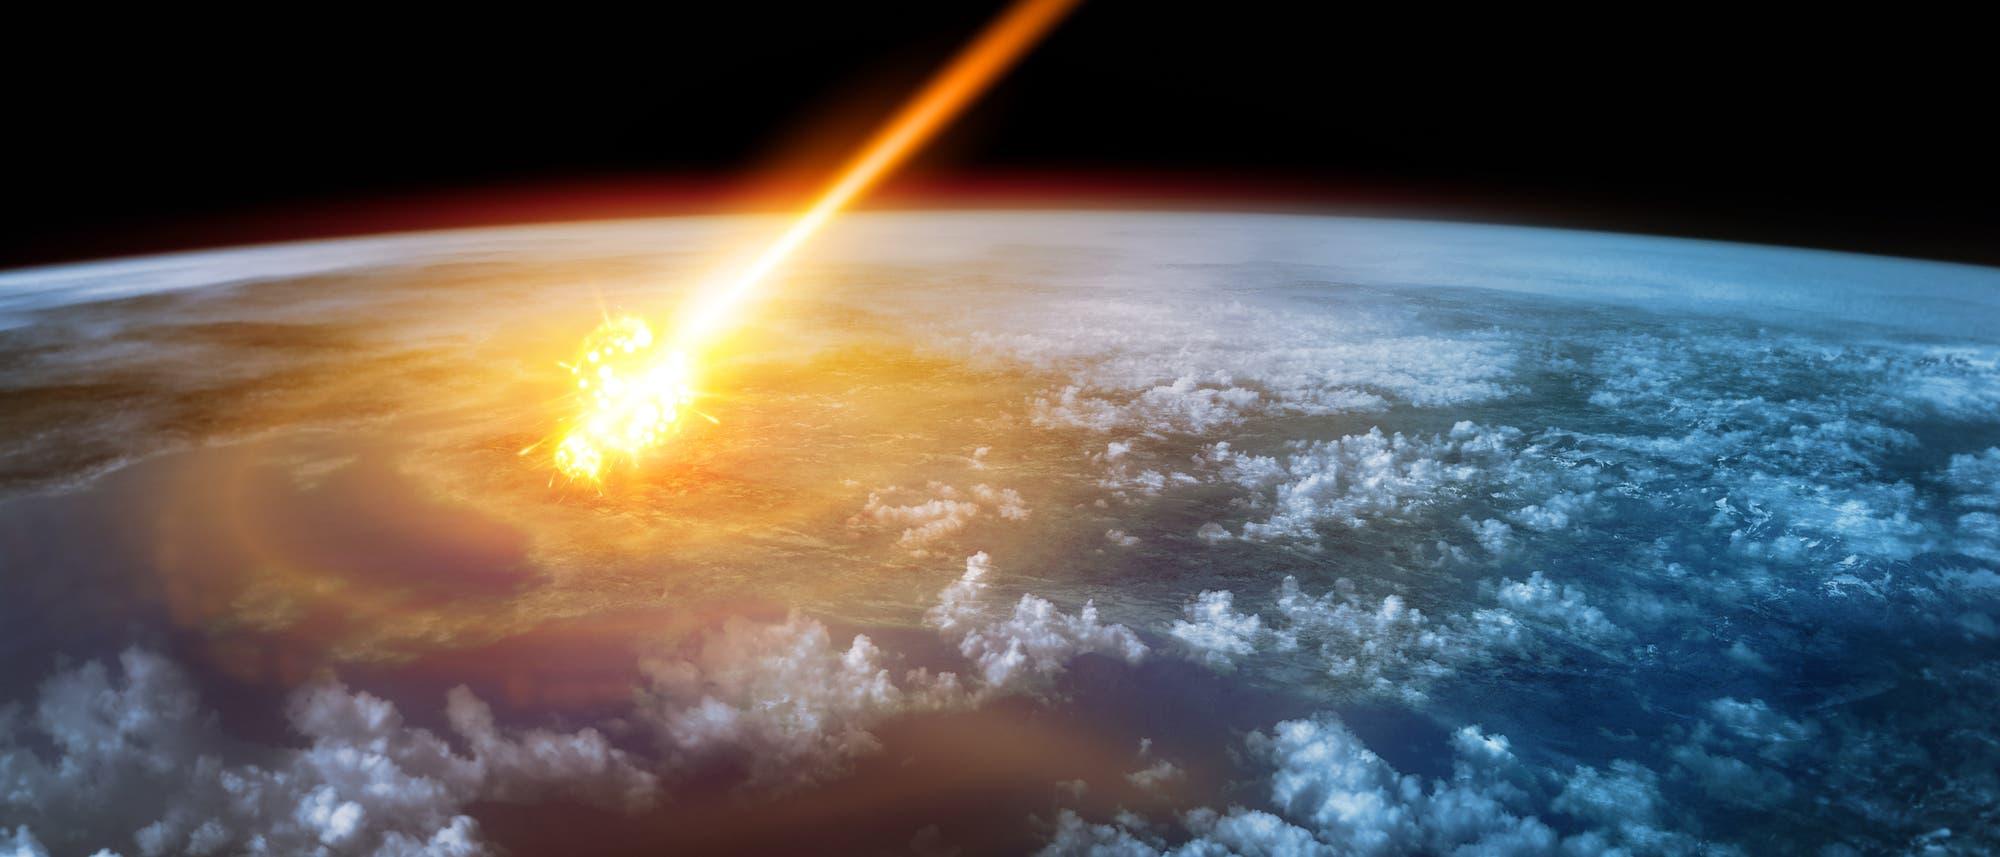 Künstlerische Darstellung eines Meteors, der in der Atmosphäre explodiert